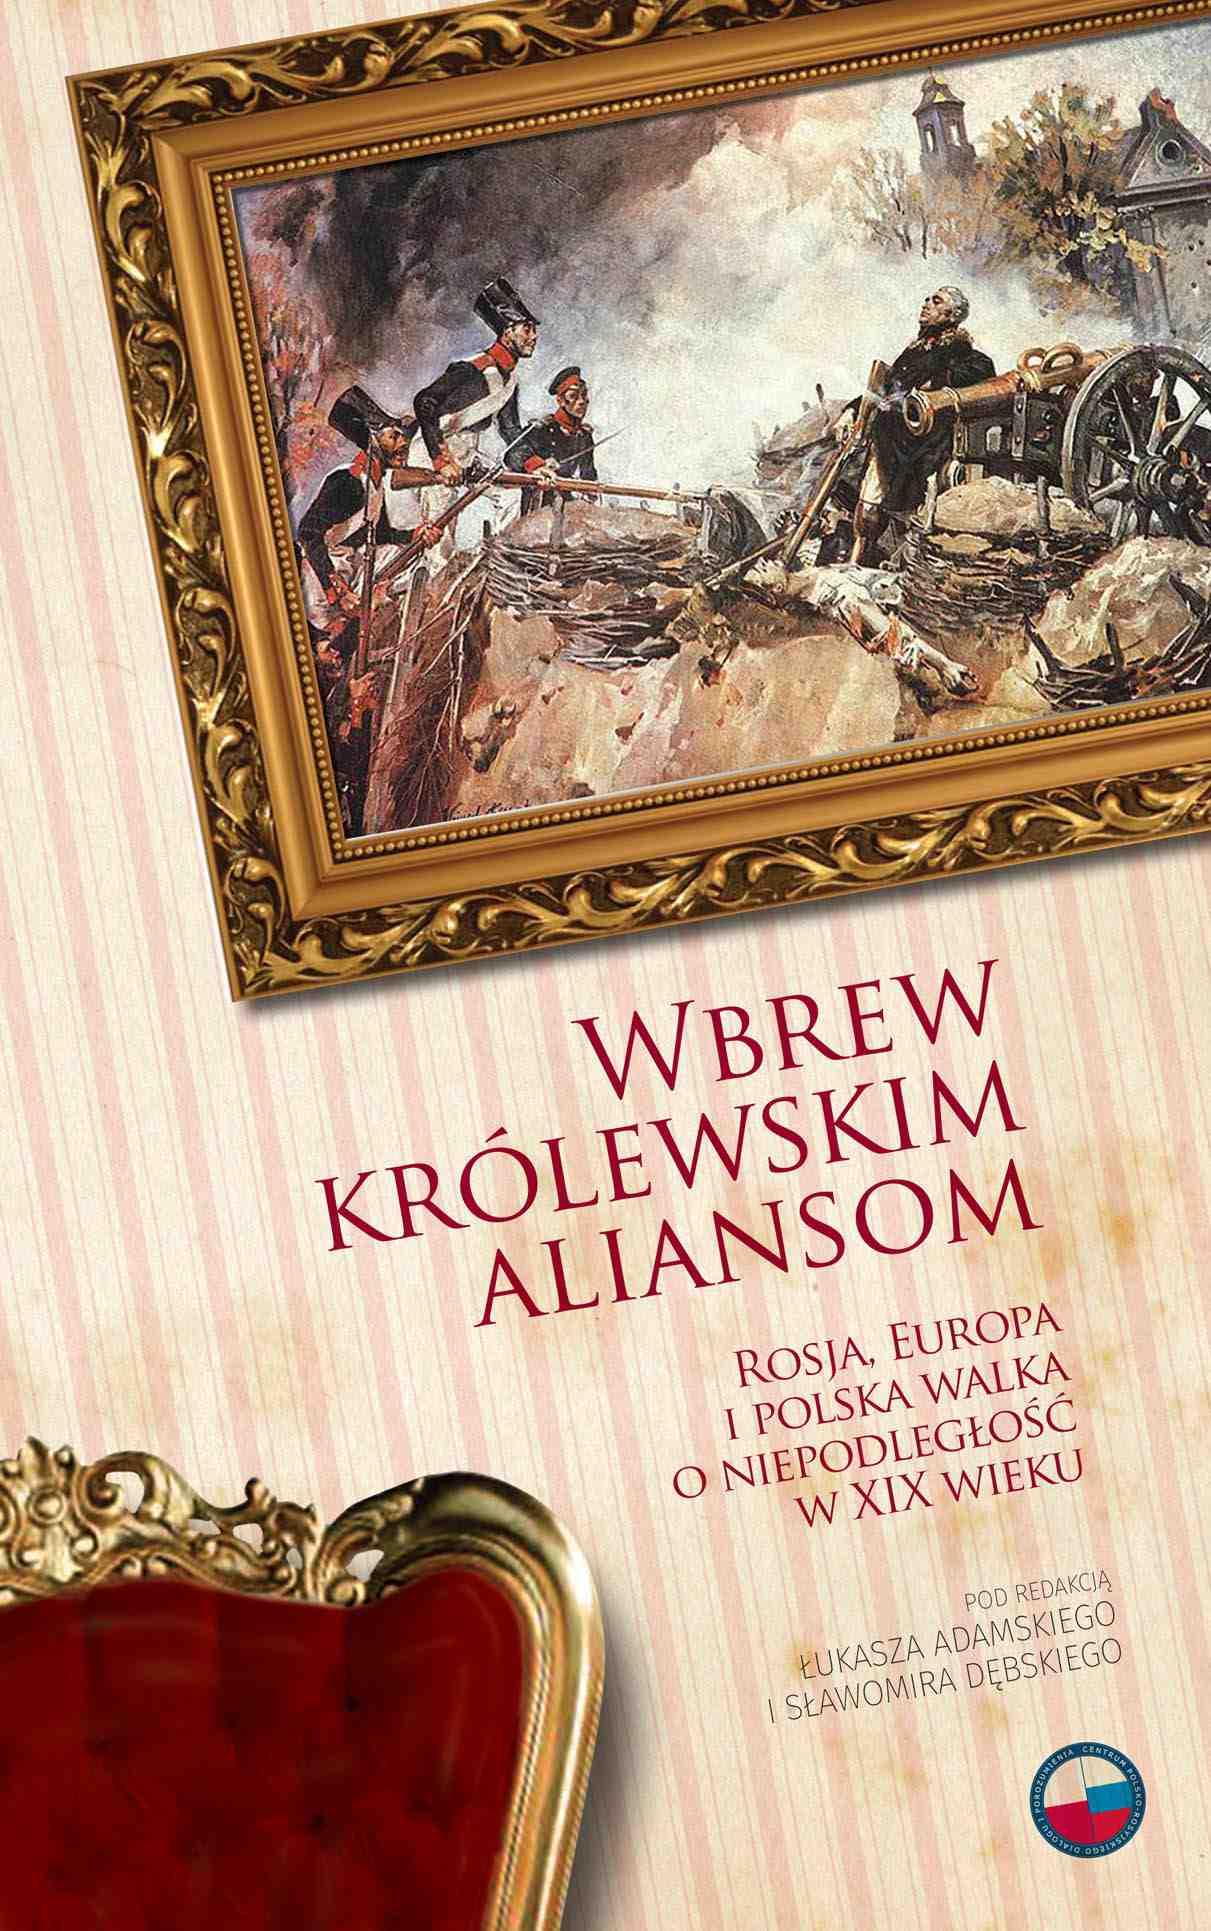 Wbrew królewskim aliansom. Rosja, Europa i polska walka o niepodległość w XIX w. - Ebook (Książka na Kindle) do pobrania w formacie MOBI